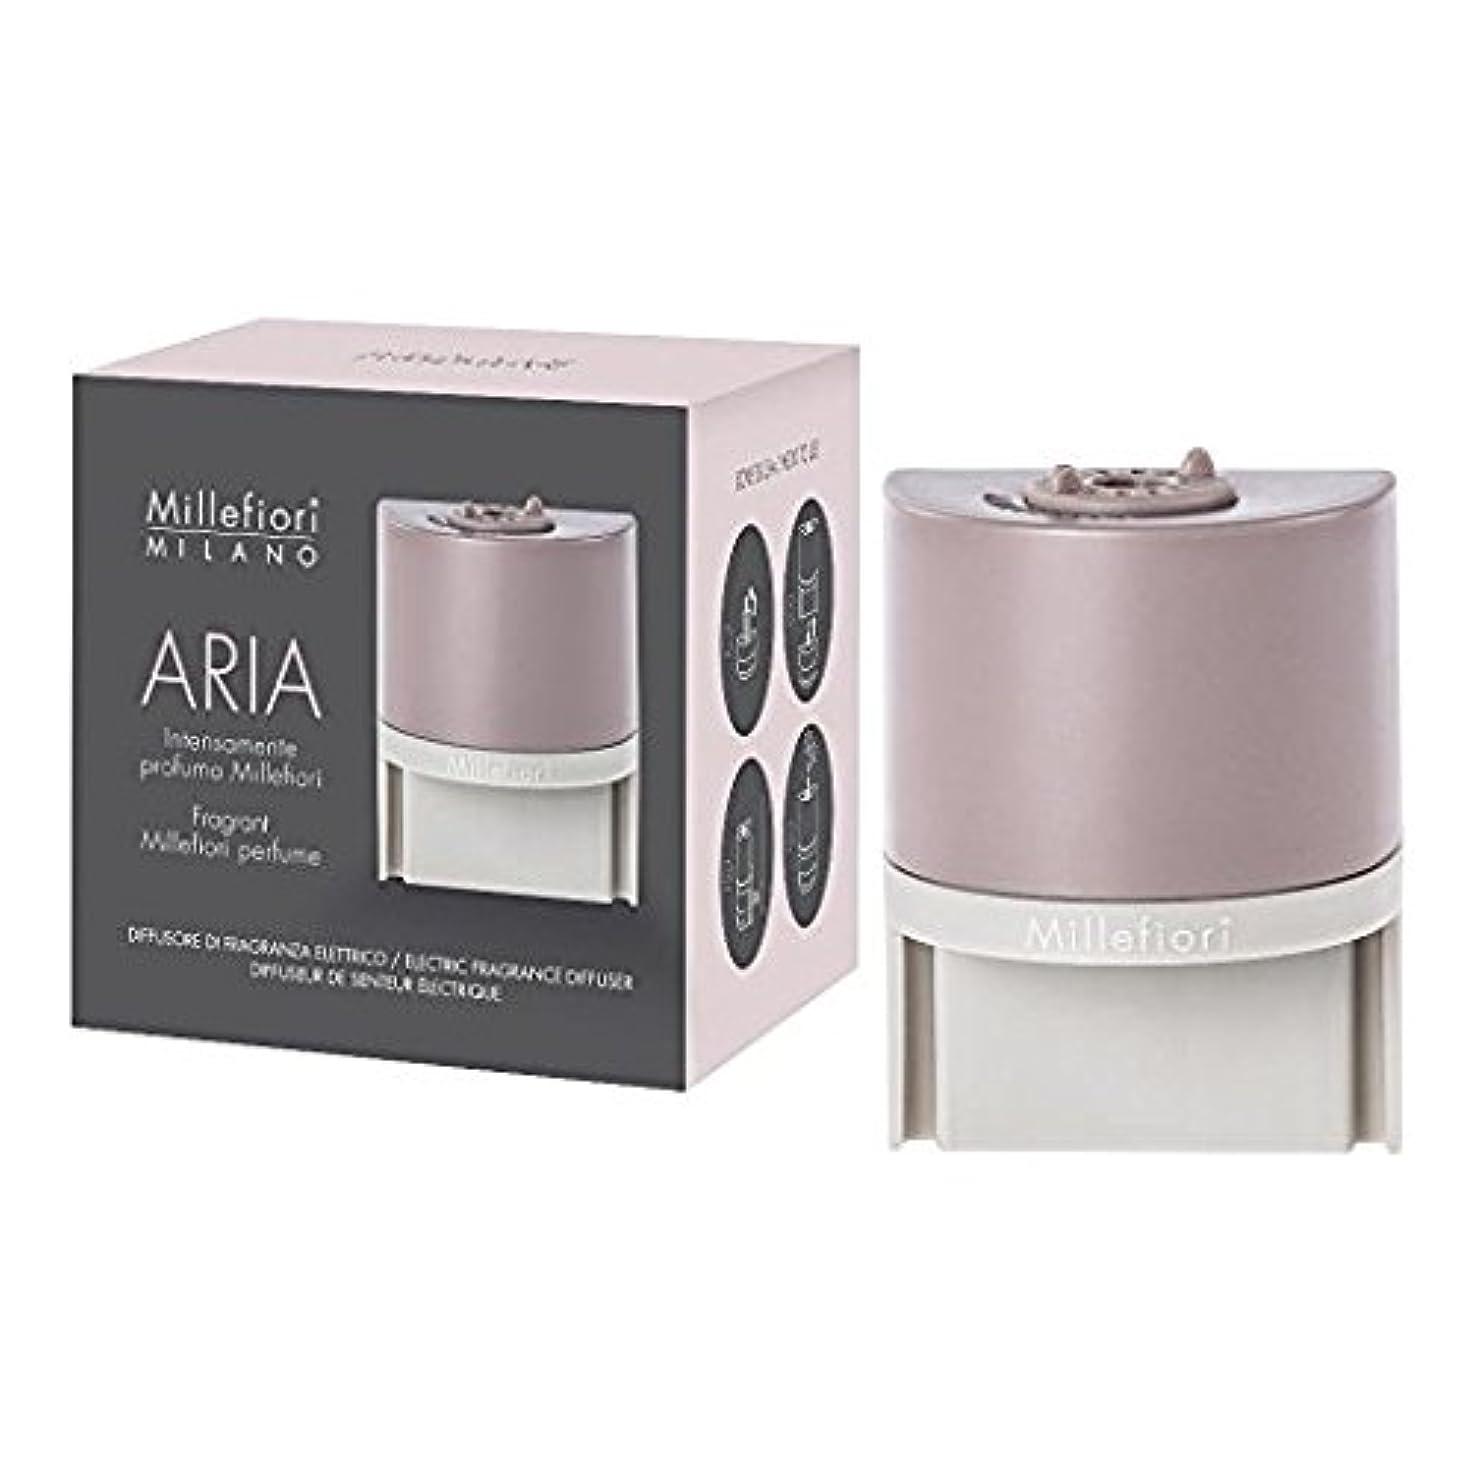 国内のシンクキノコMillefiori ARIA 本体+リキッドセット プラグインディフューザー アロマ (グレープフルーツ)